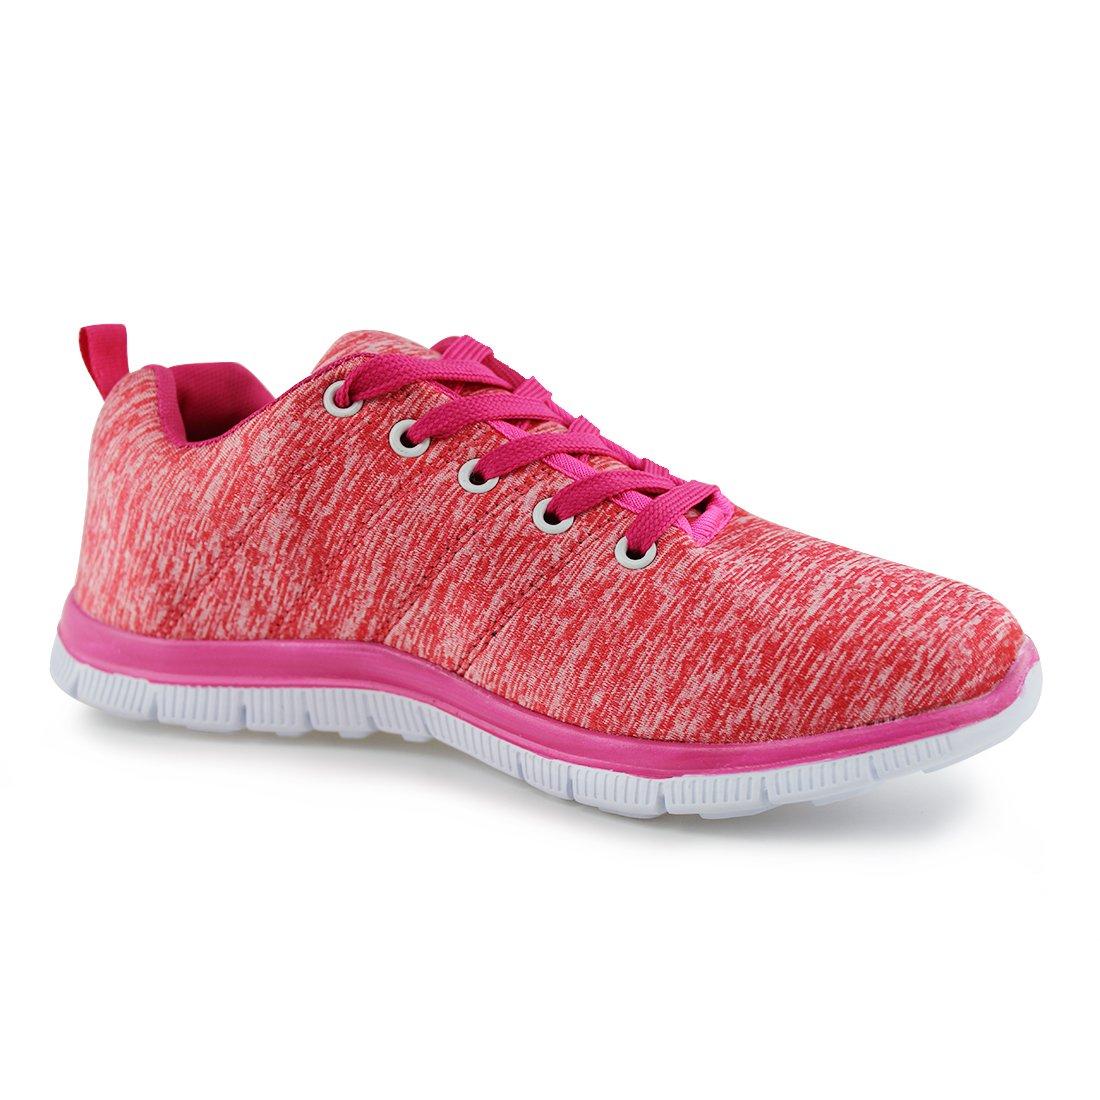 Hawkwell Women's Light Weight Sport Fashion Sneaker B0716TZV78 8 B(M) US Coral